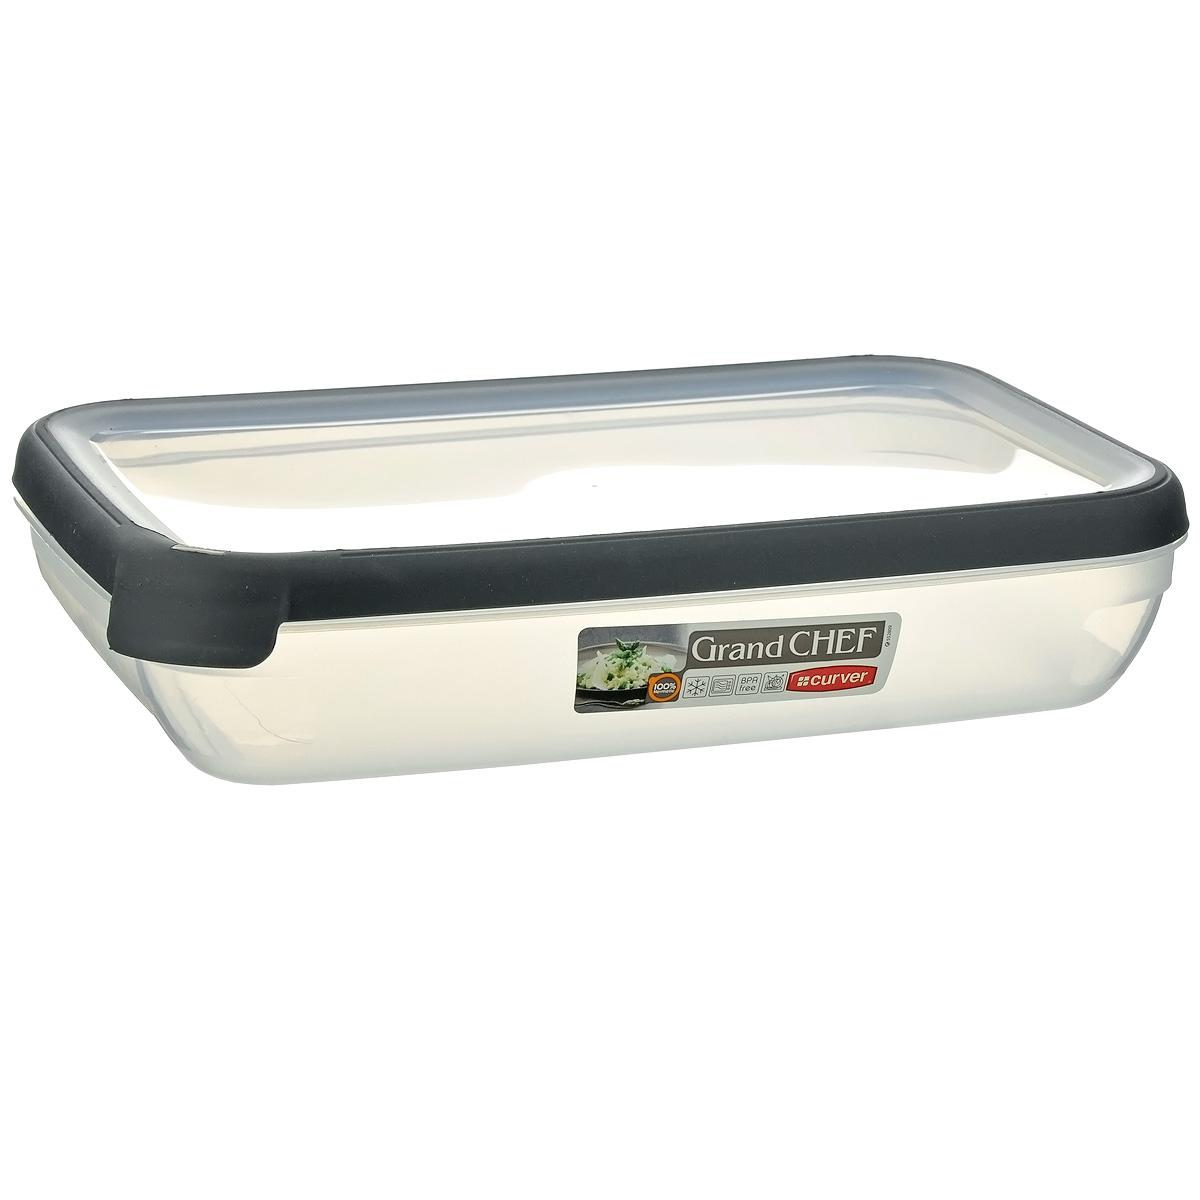 Емкость для заморозки и СВЧ Curver Grand Chef, цвет: серый, 2,6 лМ 1209Прямоугольная емкость для заморозки и СВЧ Grand Chef изготовлена из высококачественного пищевого пластика (BPA free), который выдерживает температуру от -40°С до +100°С. Стенки емкости и крышка прозрачные. Крышка по краю оснащена силиконовой вставкой, благодаря которой плотно и герметично закрывается, дольше сохраняя продукты свежими и вкусными. Емкость удобно брать с собой на пикник, дачу, в поход или просто использовать для хранения пищи в холодильнике. Можно использовать в микроволновой печи и для заморозки в морозильной камере. Можно мыть в посудомоечной машине.